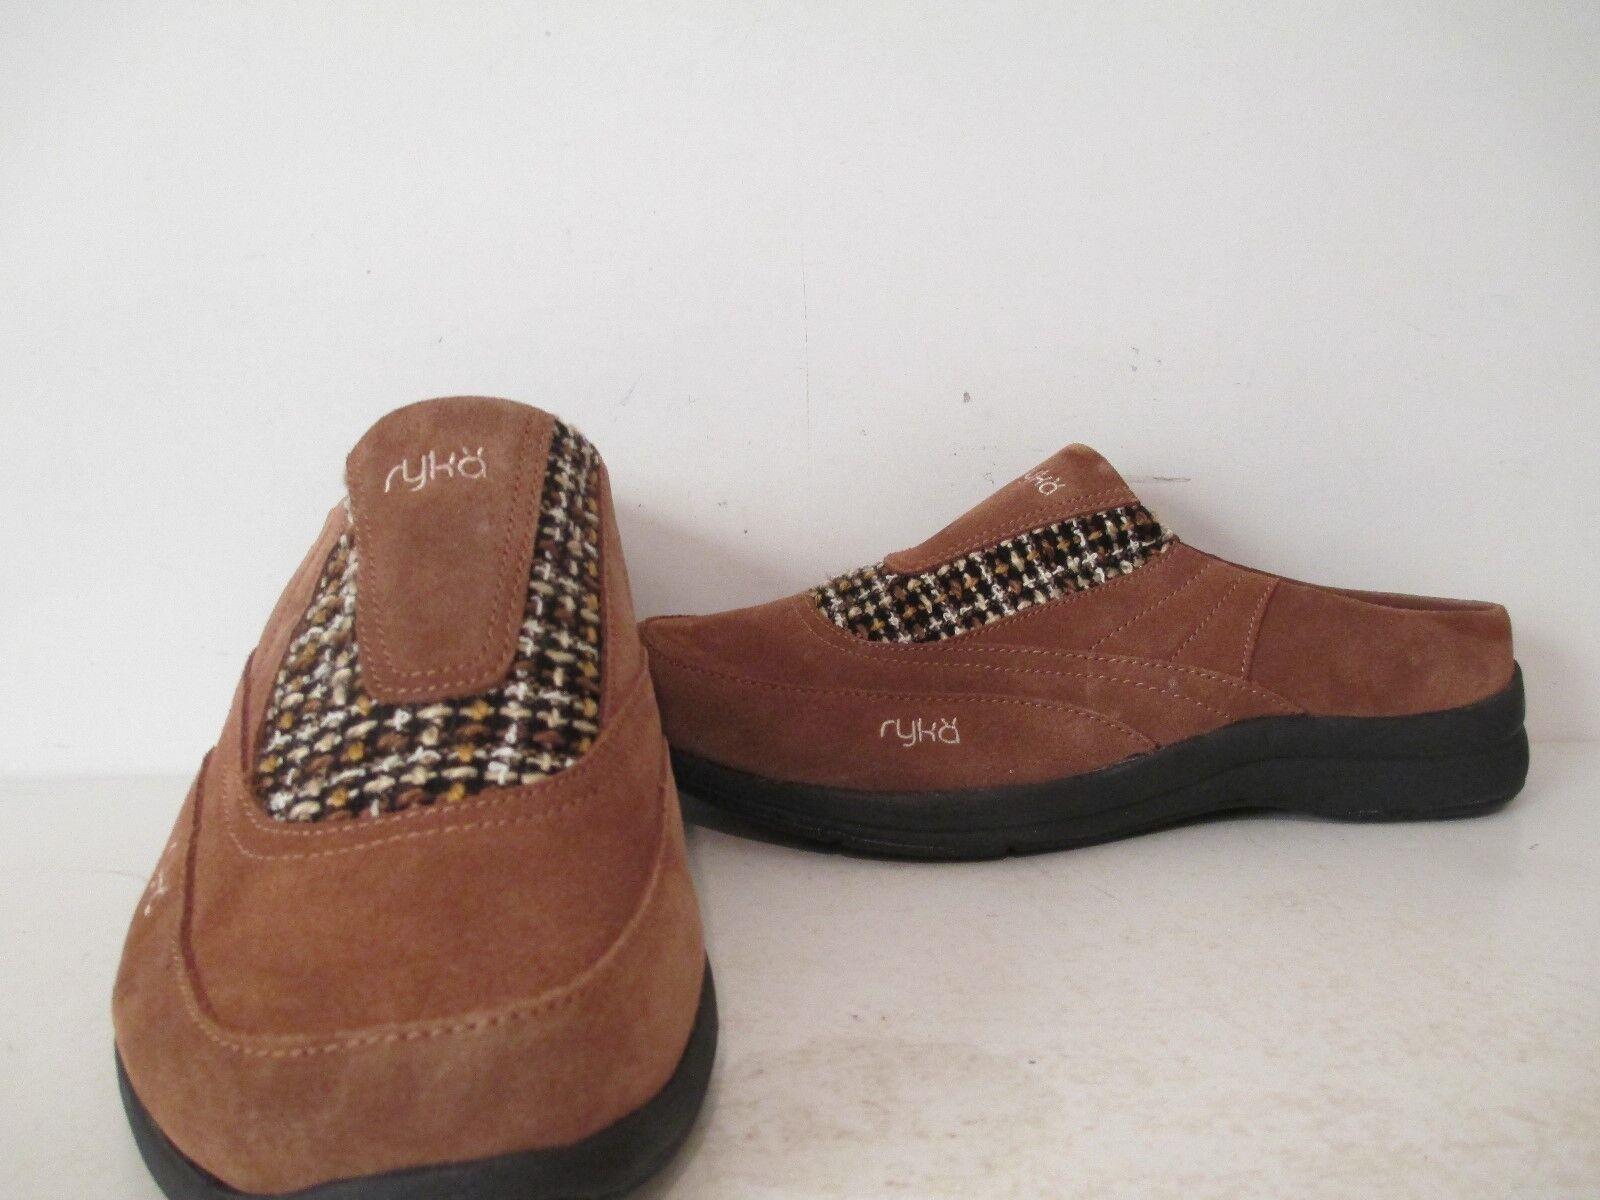 Ryka Womens Freelance Mule Slip On Wool Tweed Lo Casual Toffee Size 5 - 12 M W